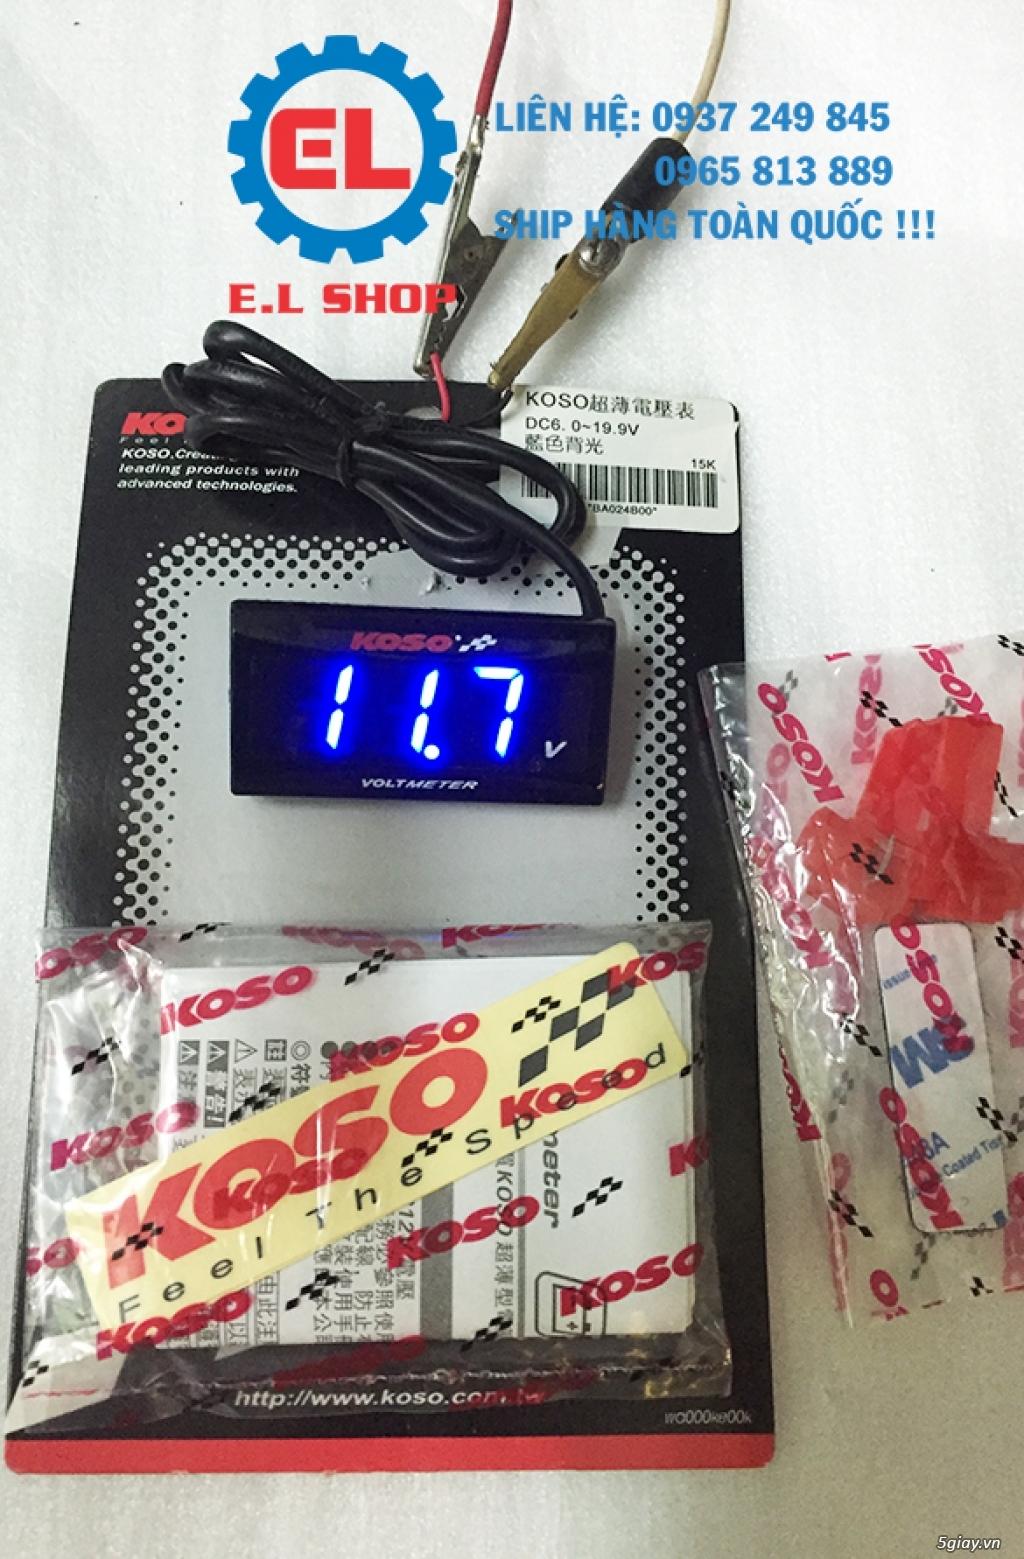 E.L SHOP - Đồng hồ điện tử cho xe máy, Koso, RX2N,... - 37